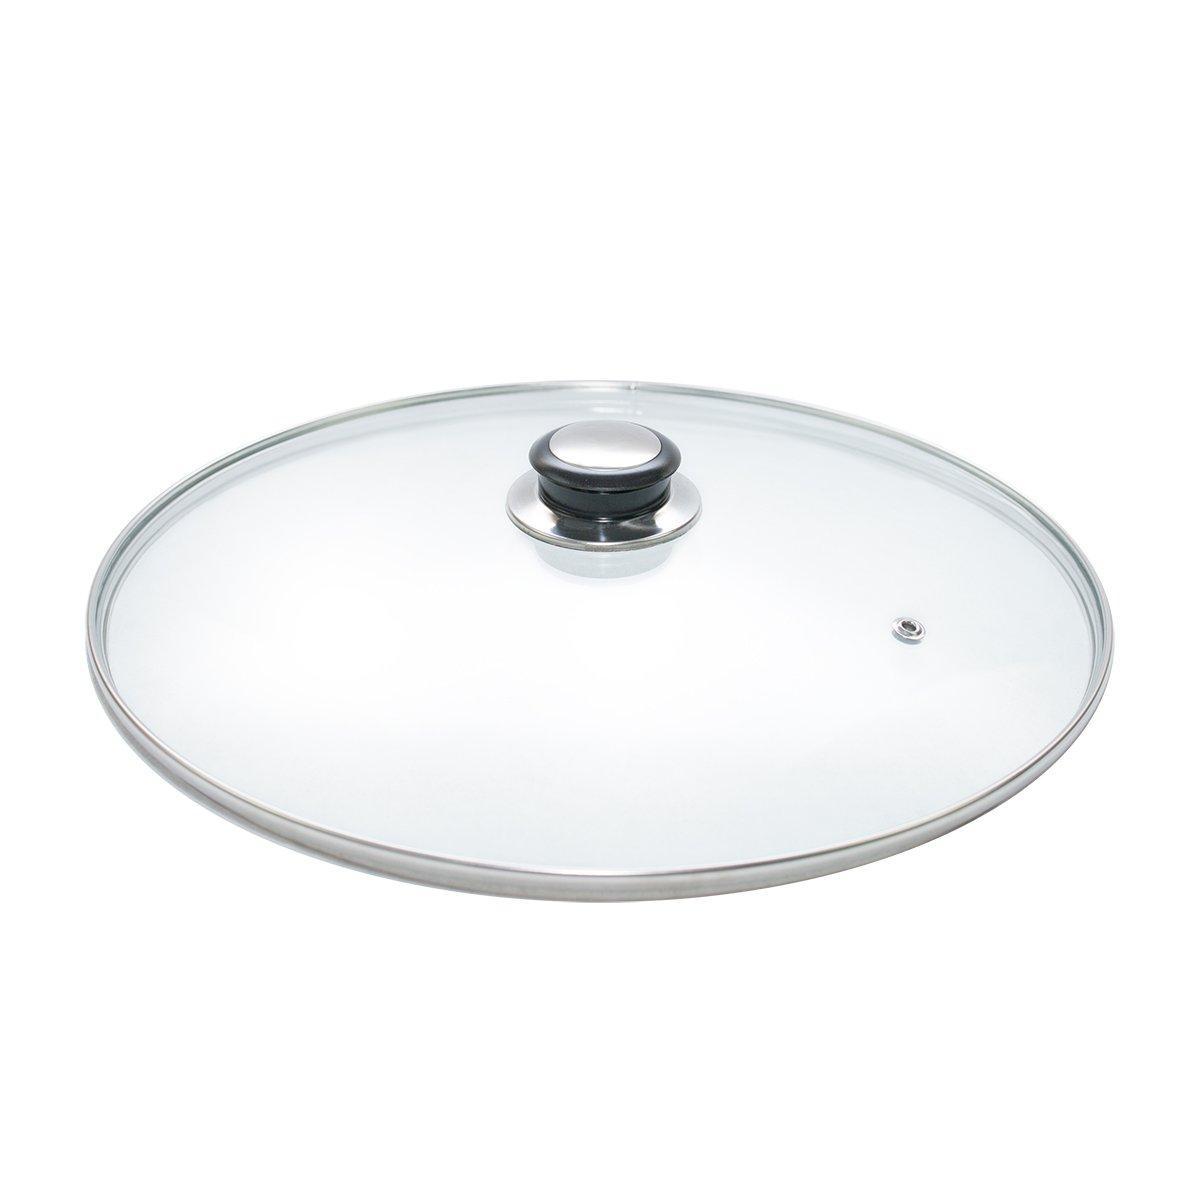 Glass Lids Saucepan Wok Casserole Frying Pan Lid 20 22 24 26 28 30 32 34 36 cm (20) Kitchen